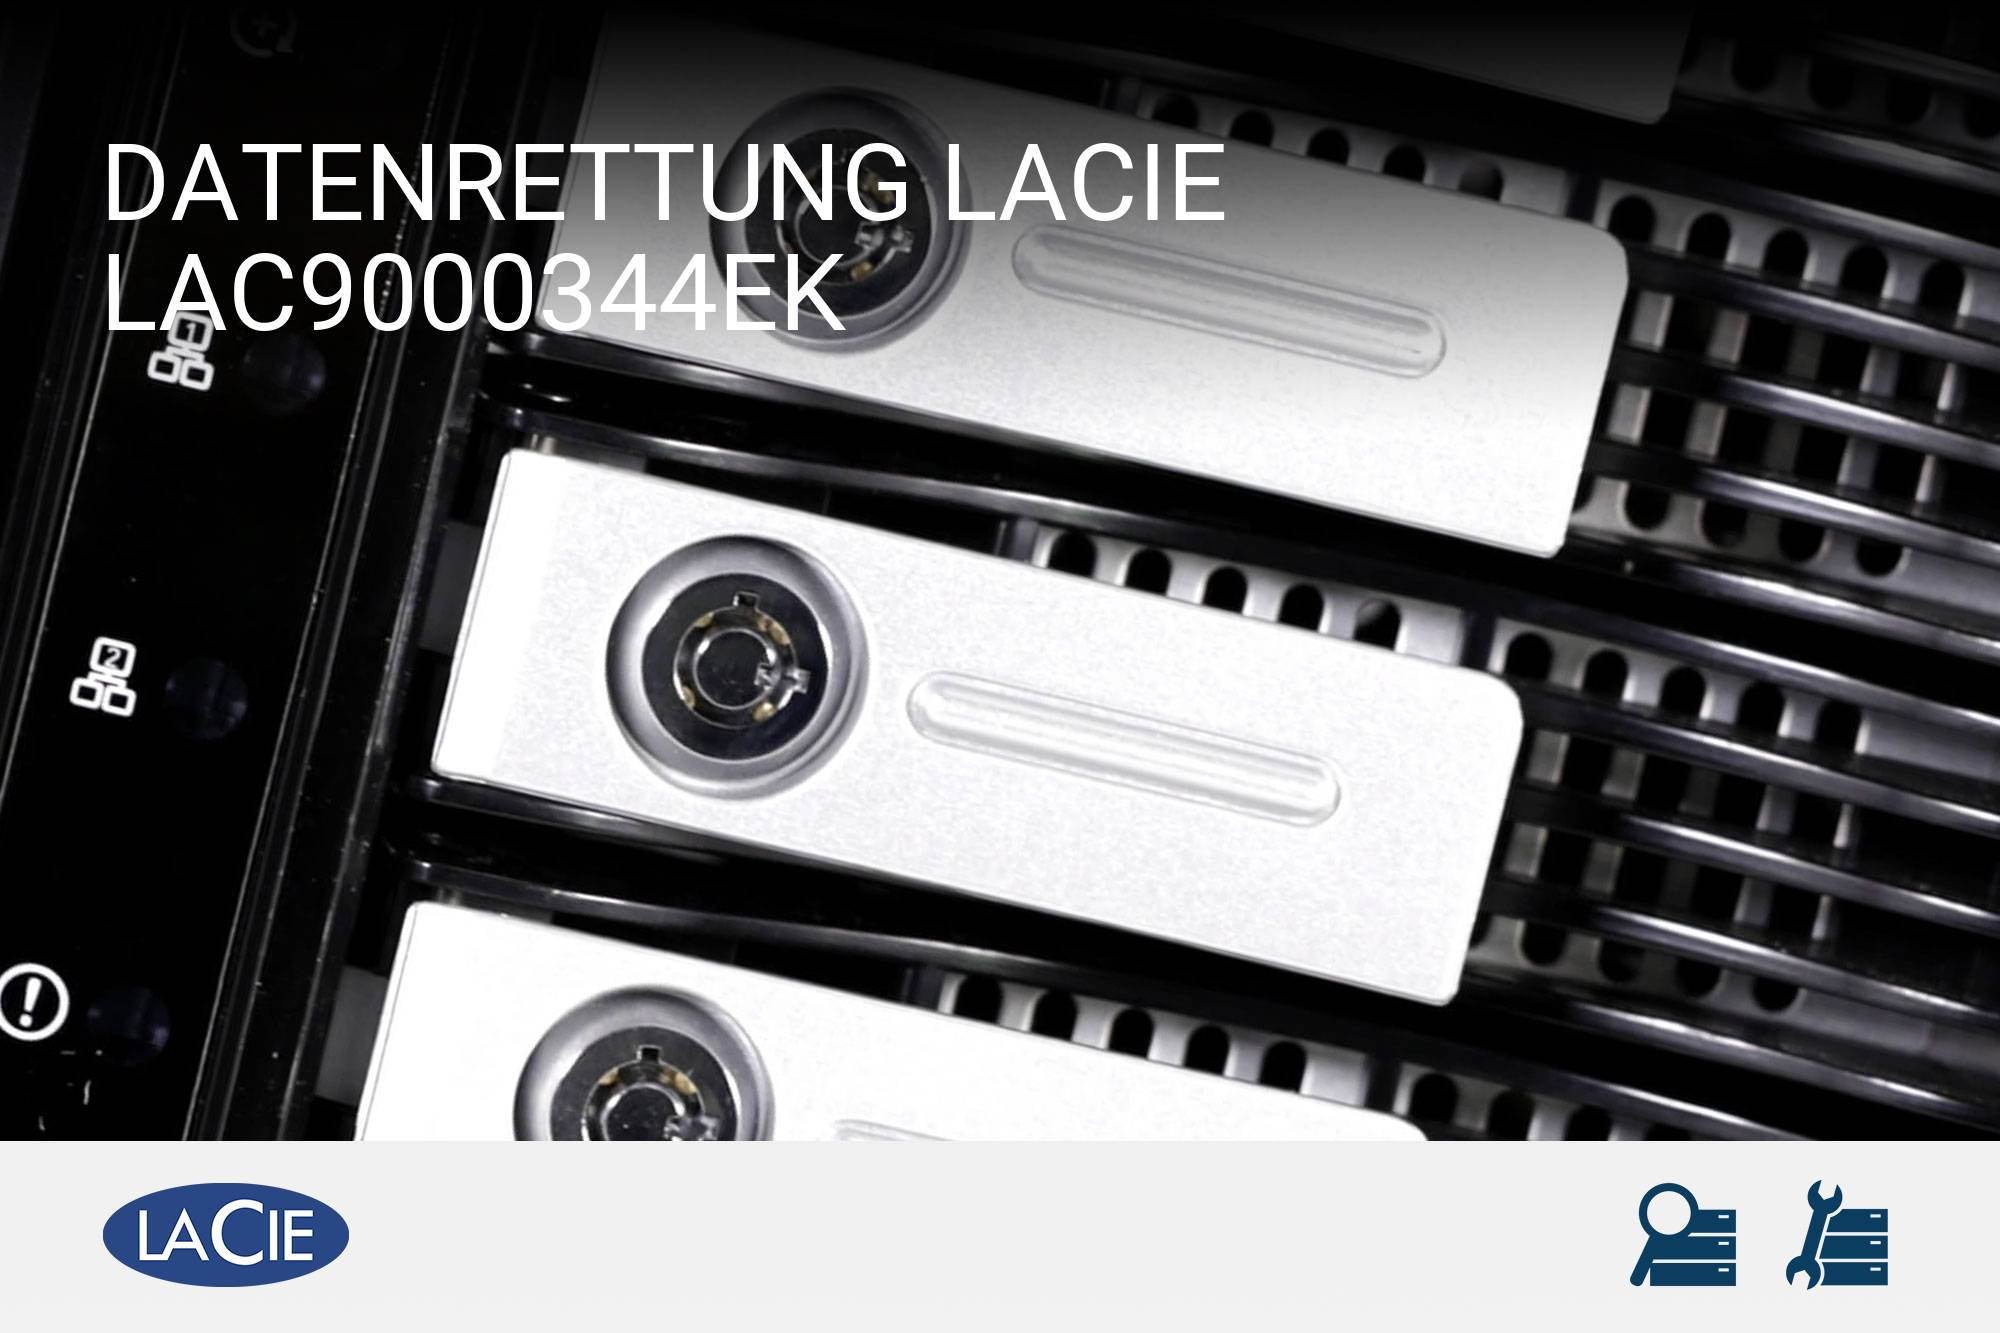 LaCie LAC9000344EK